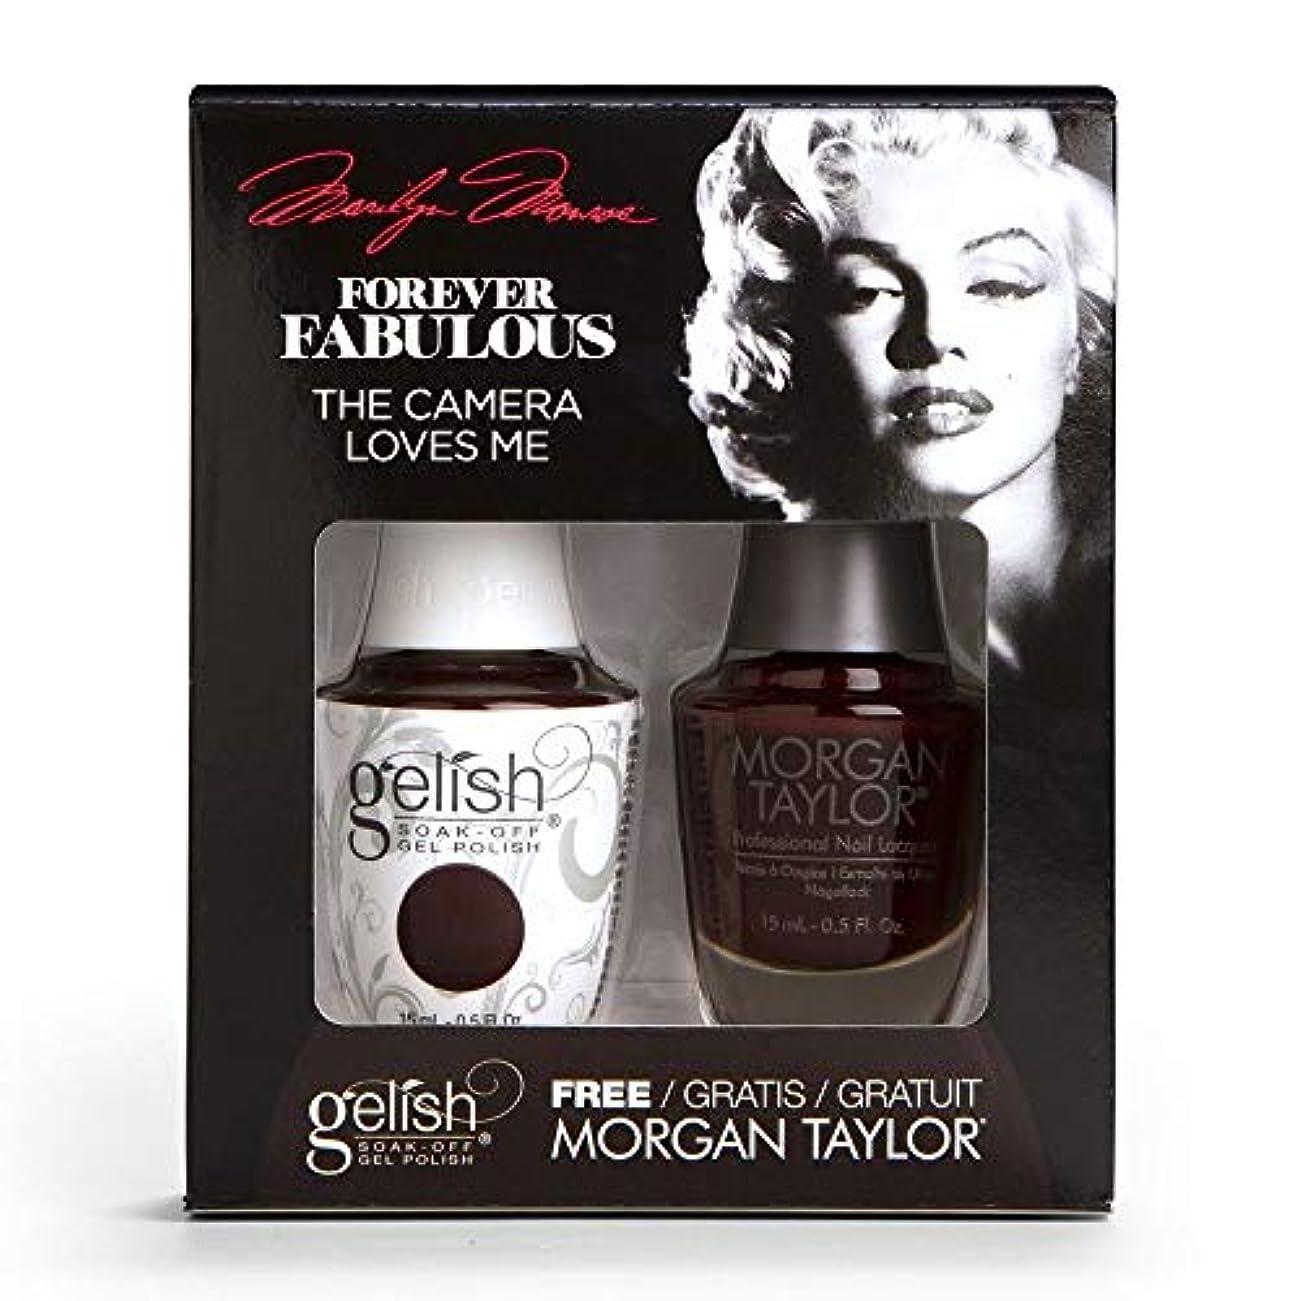 収入地域収縮Harmony Gelish & Morgan Taylor - Two Of A Kind - Forever Fabulous Marilyn Monroe - The Camera Loves Me 15 mL /...